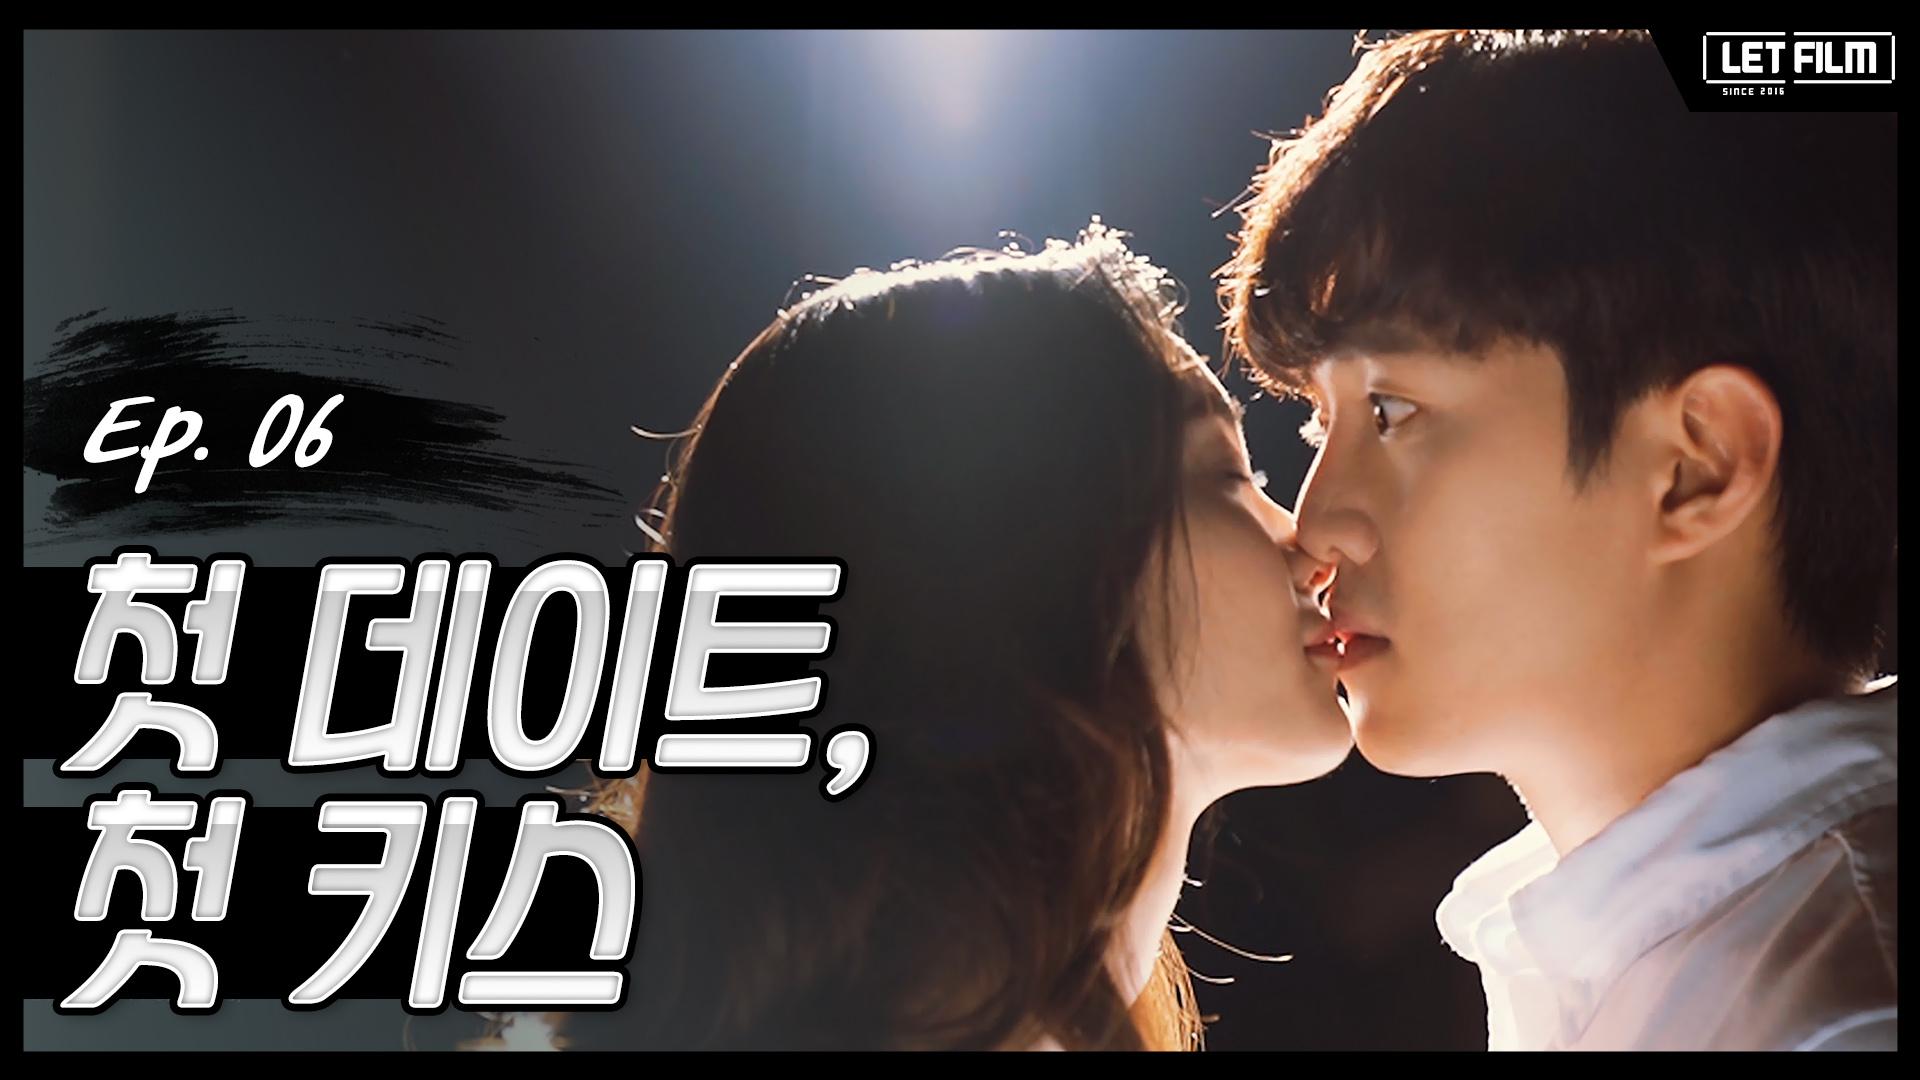 [목숨값] Ep06 첫 데이트에 키스를??